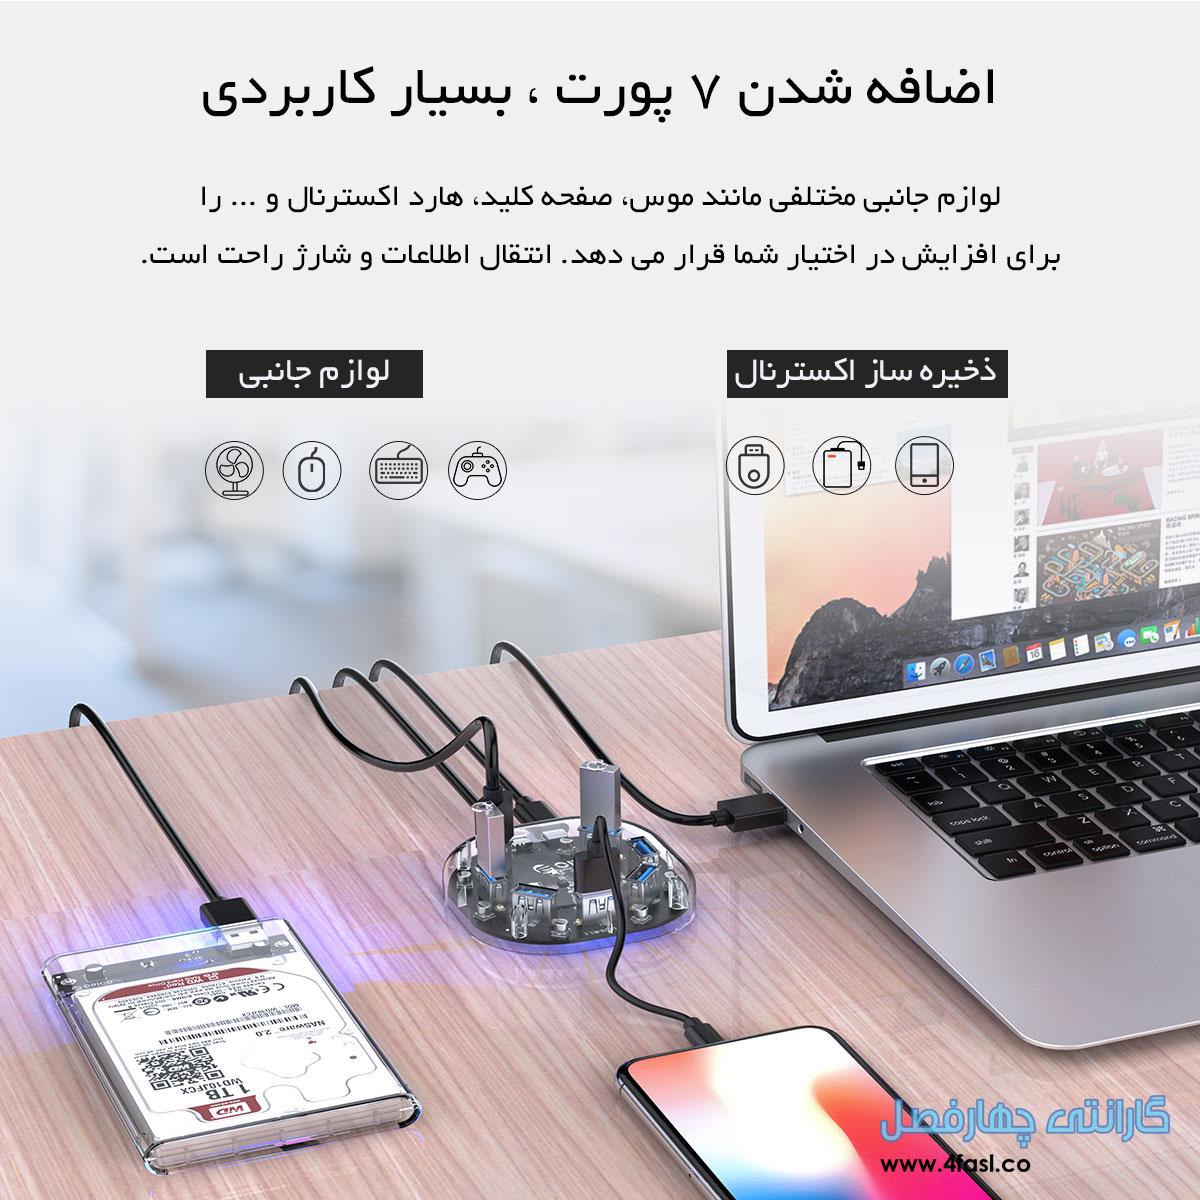 هاب 7 پورت USB3.0 شفاف